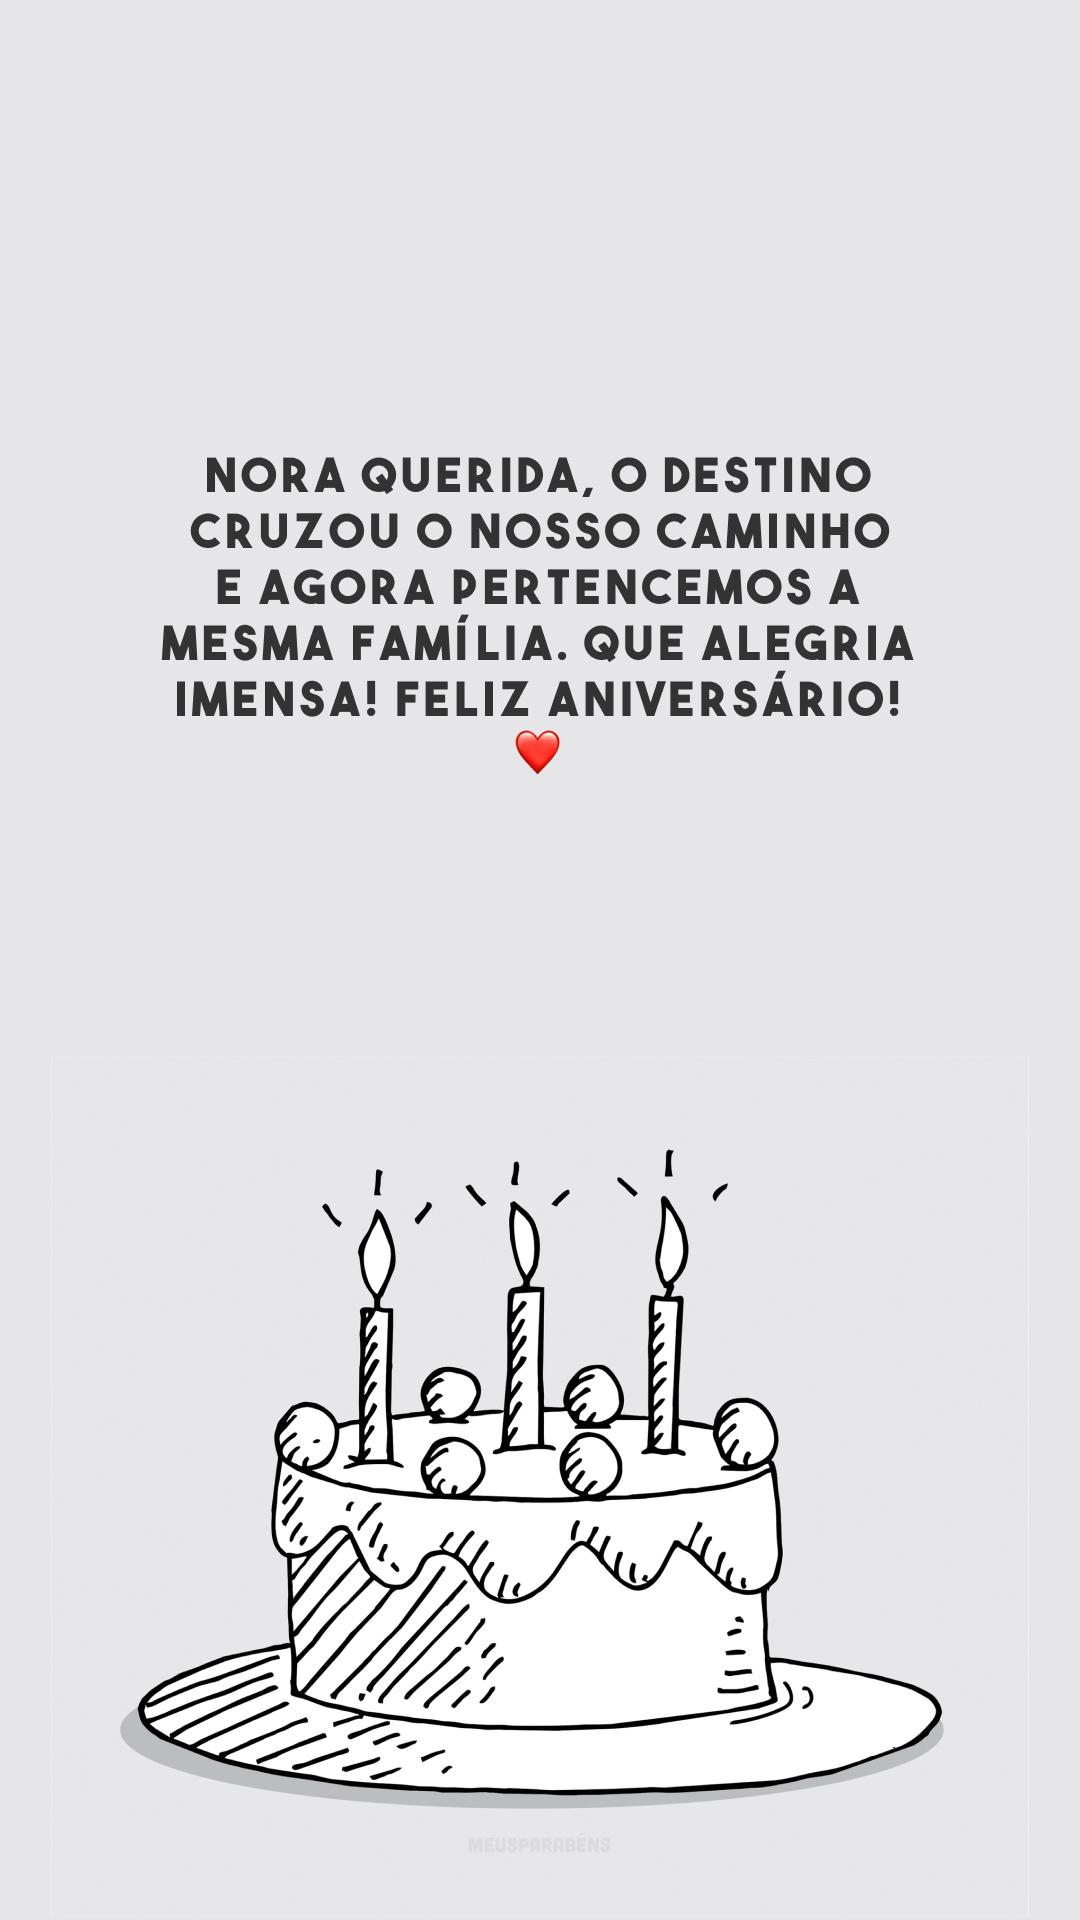 Nora querida, o destino cruzou o nosso caminho e agora pertencemos a mesma família. Que alegria imensa! Feliz aniversário! ❤️